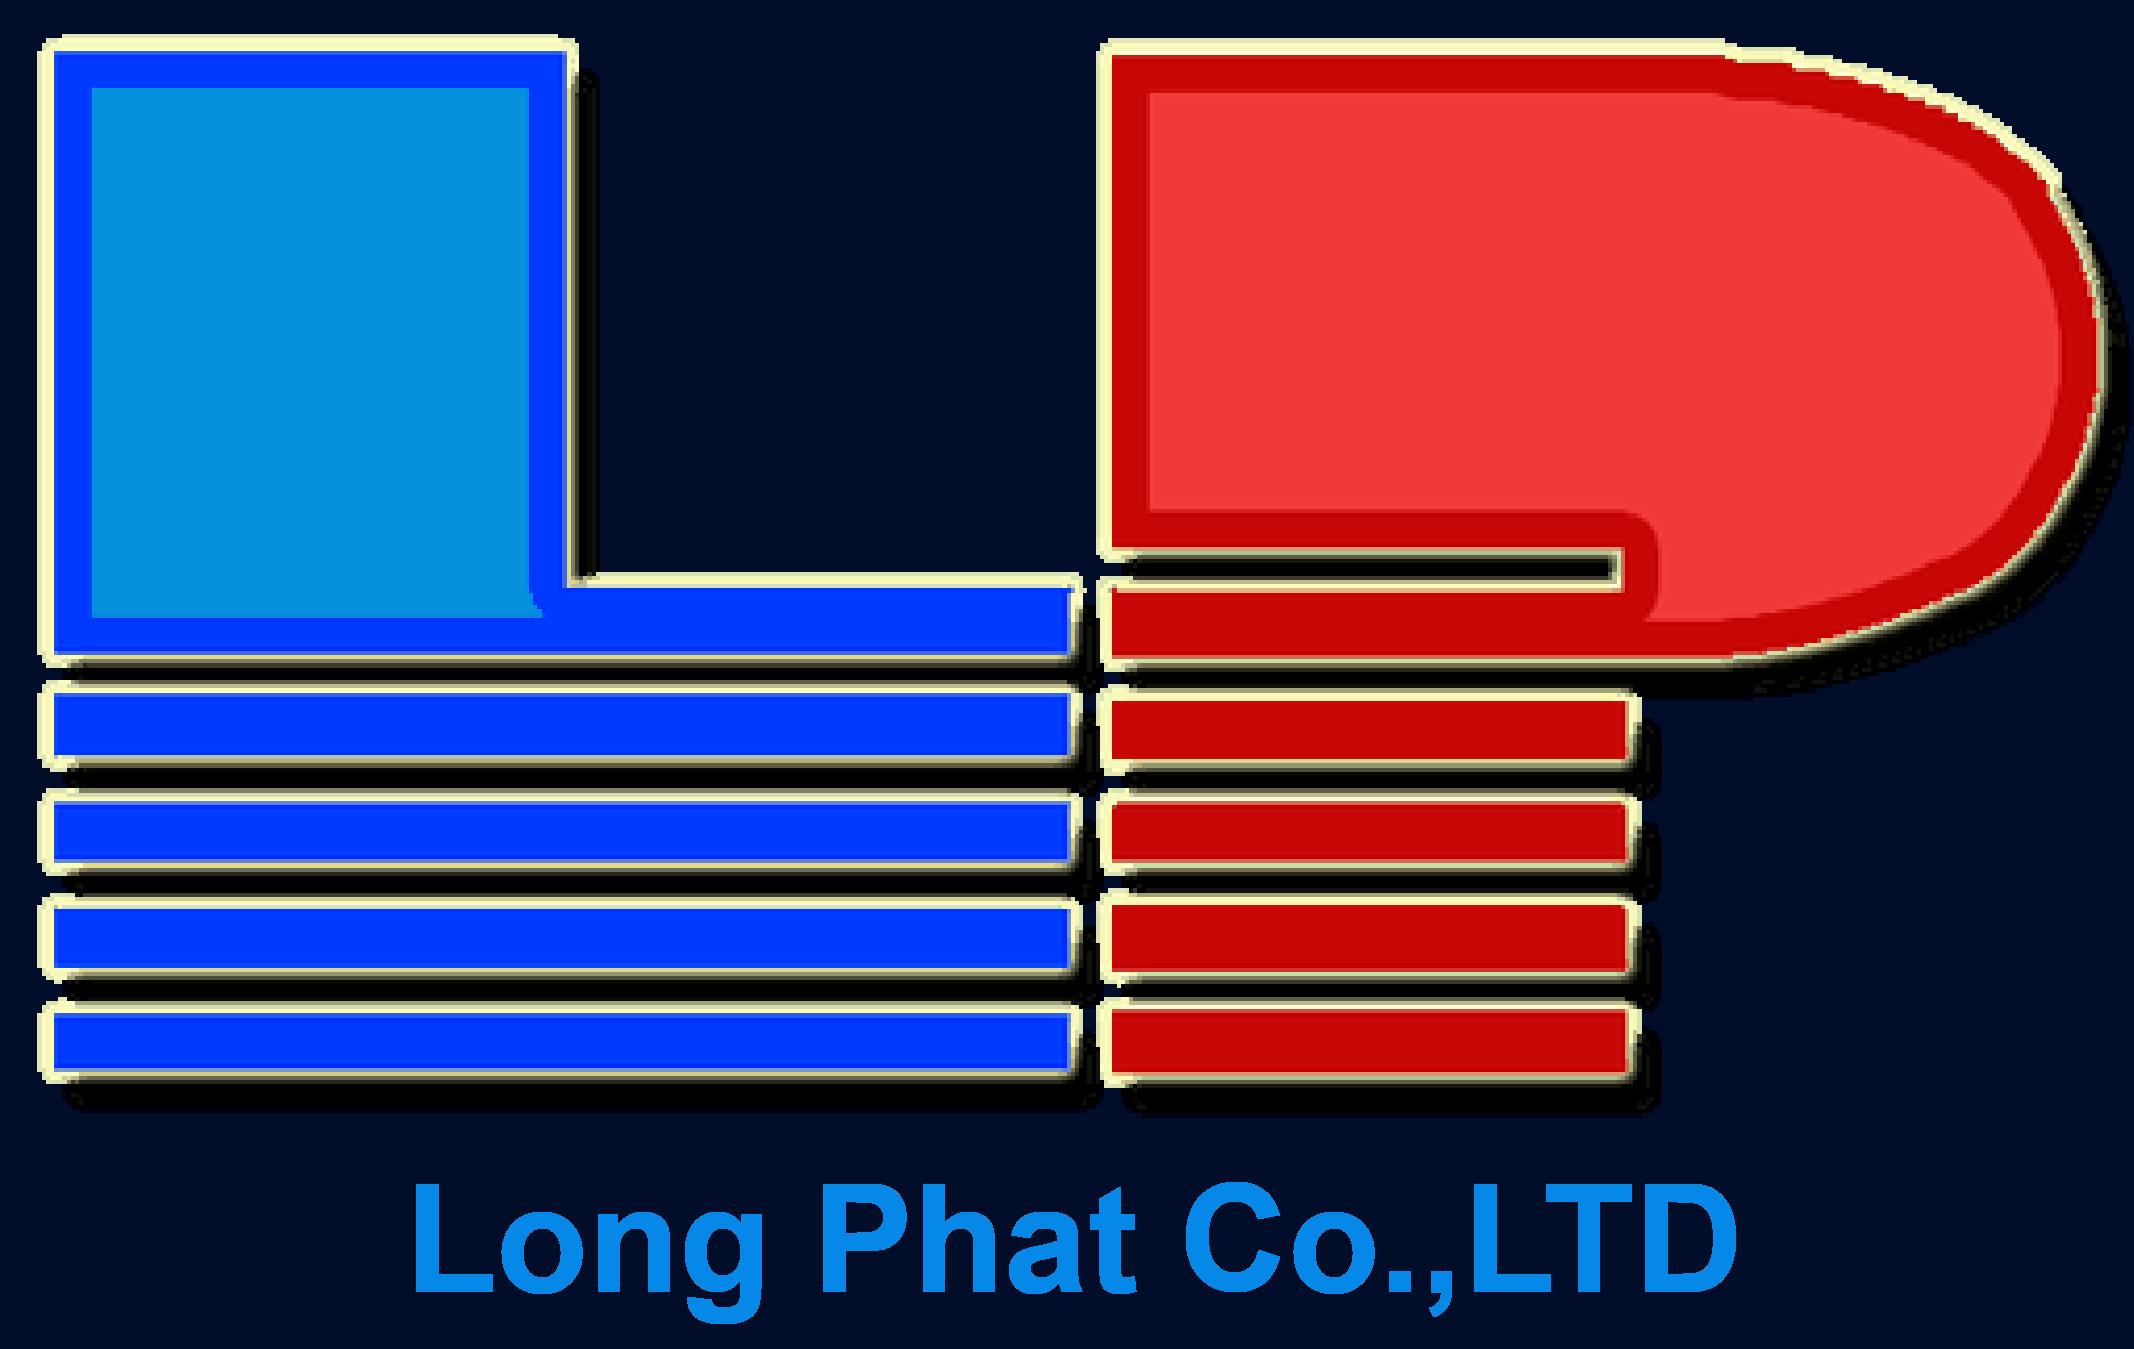 Bơm công nghiệp Wilo Long Phát